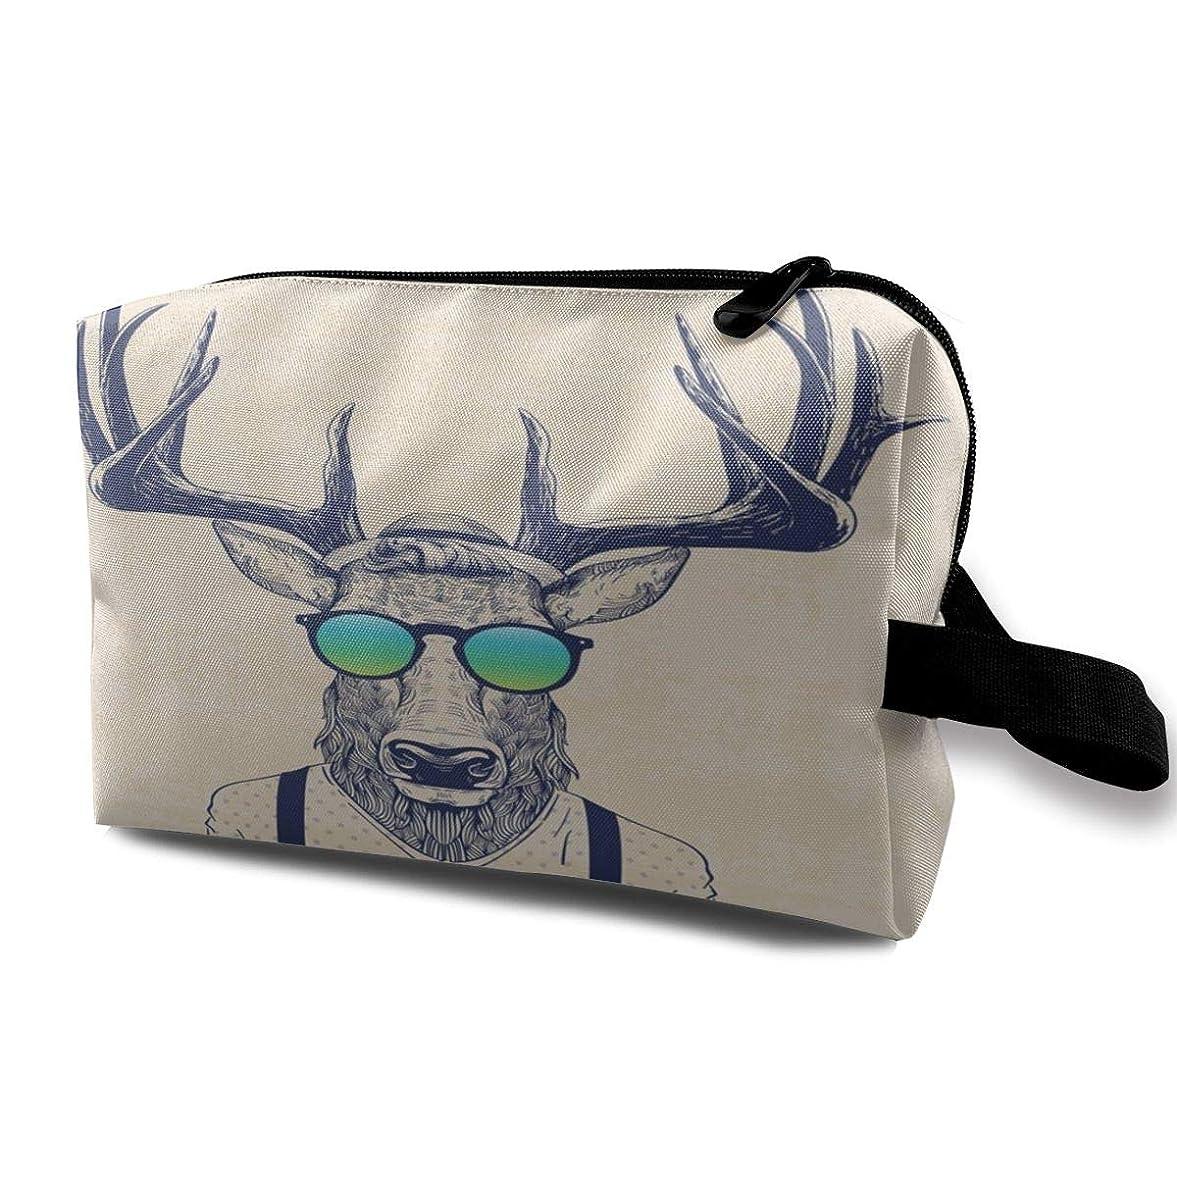 次へ偽装する違反クールな鹿 化粧バッグ 収納袋 女大容量 化粧品クラッチバッグ 収納 軽量 ウィンドジップ